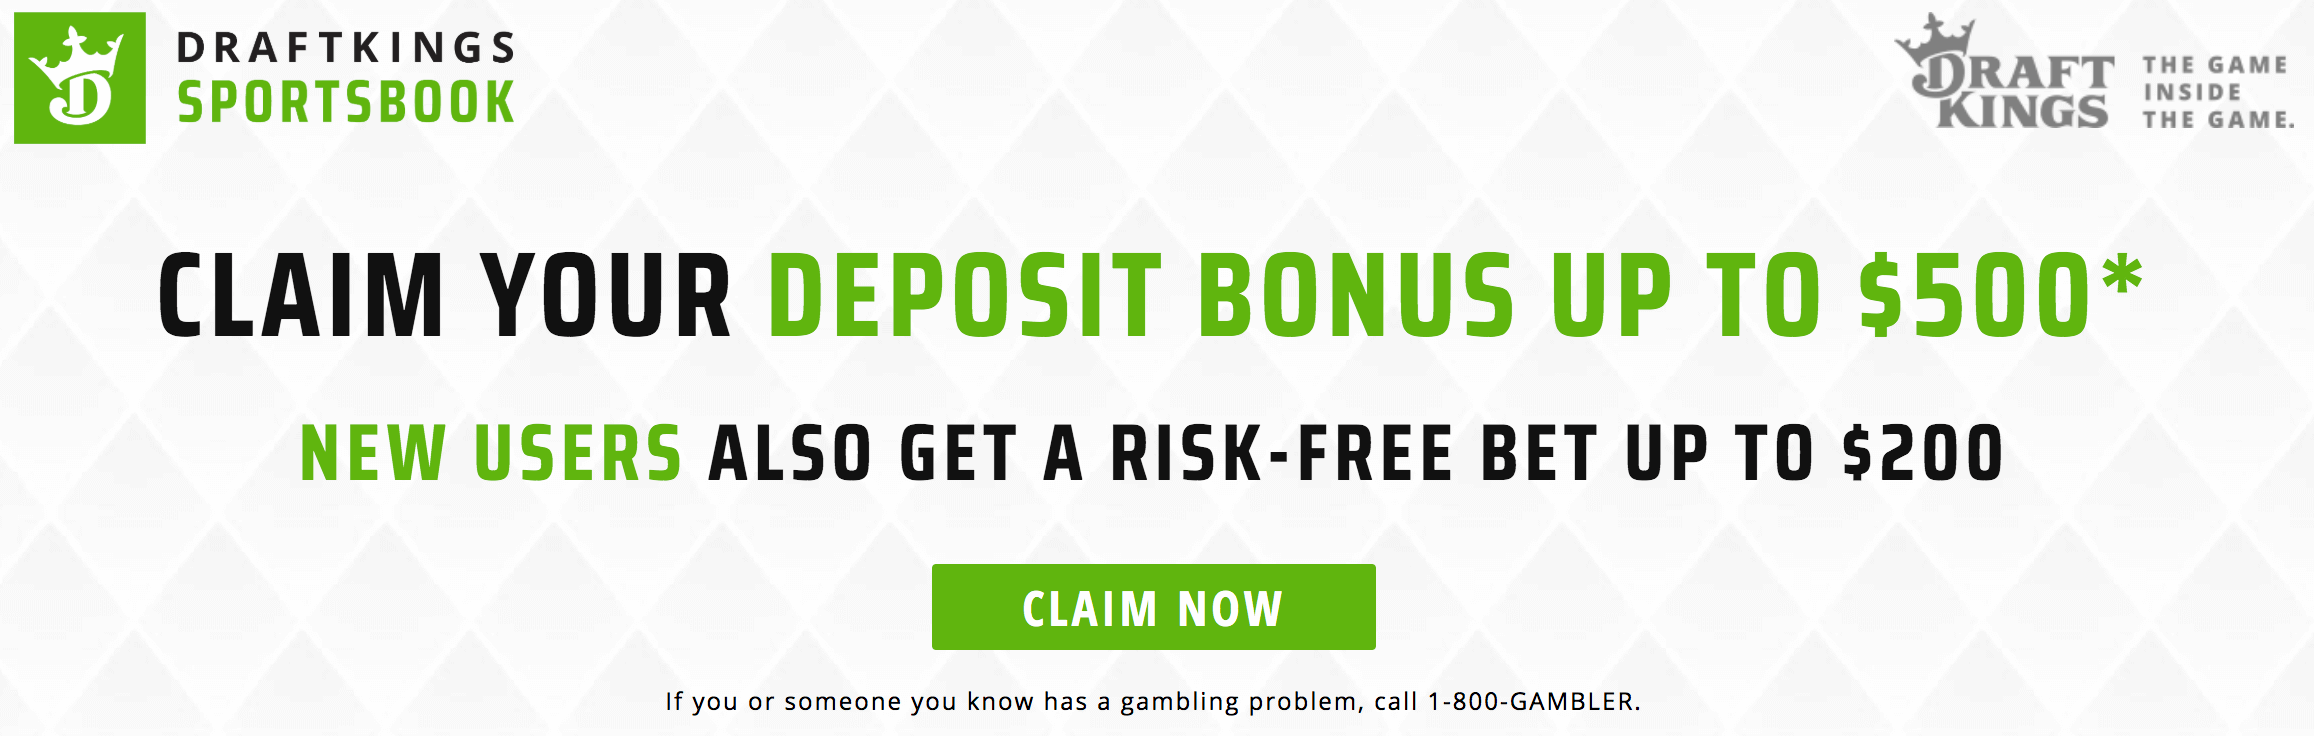 DraftKings Sportsbook Welcome Bonus